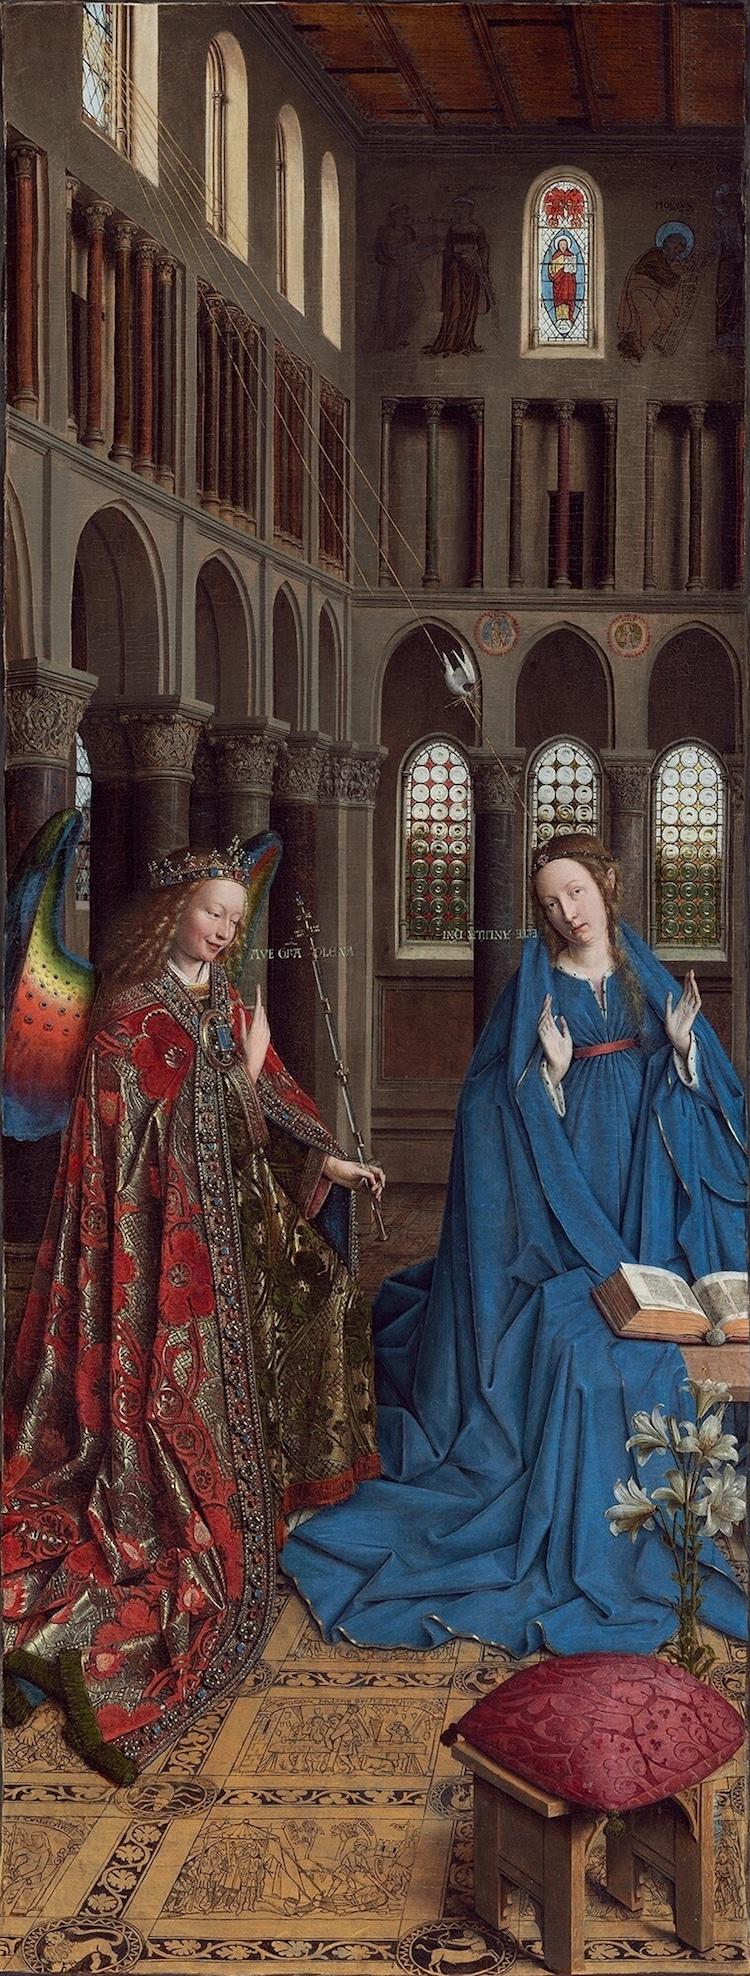 Angel Art Angel Paintings of Angels Medieval Illuminated Manuscript